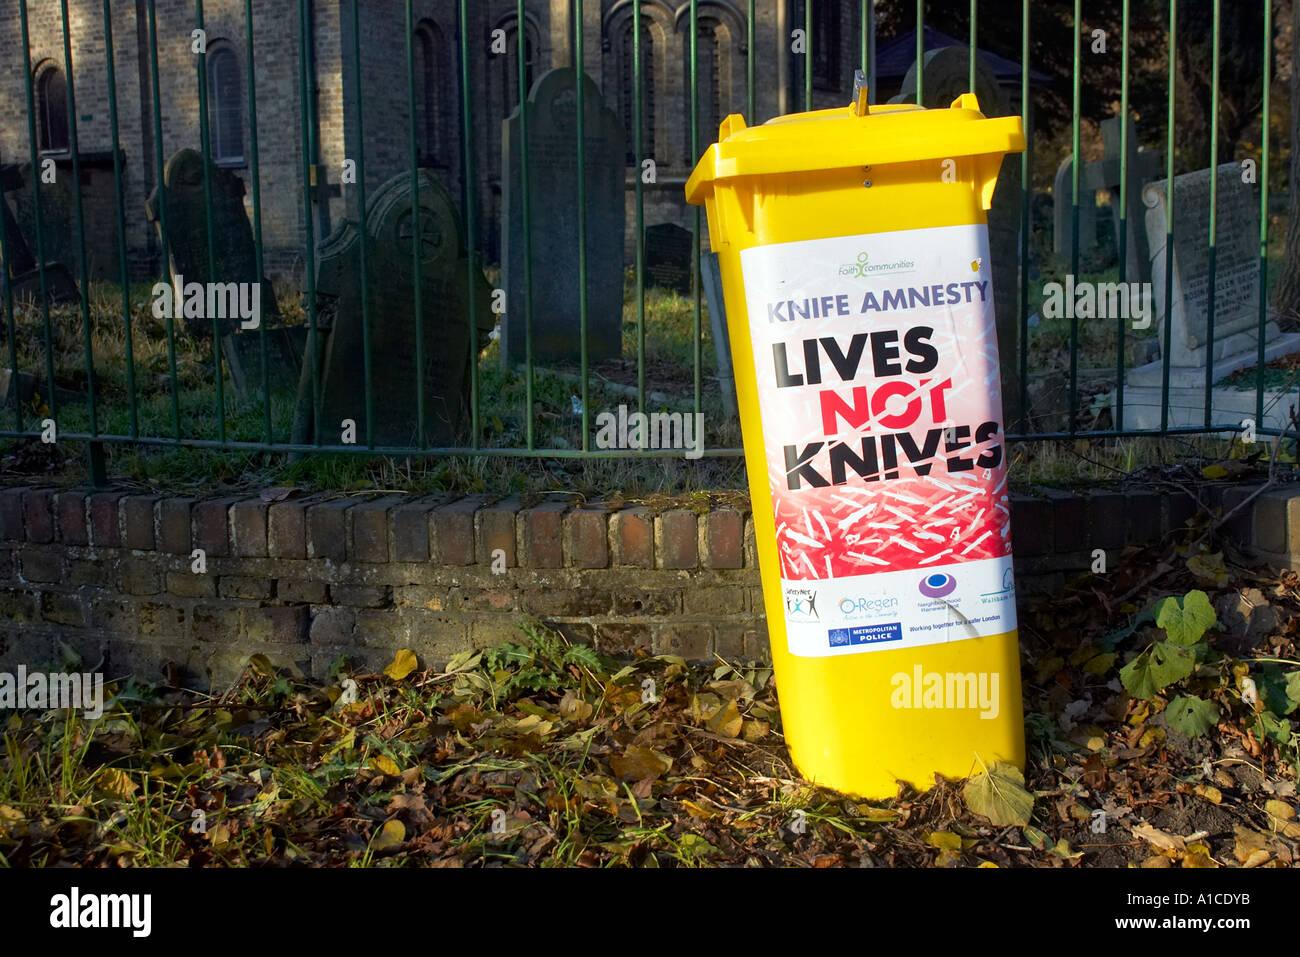 Non vive coltello coltelli amnesty bin Immagini Stock